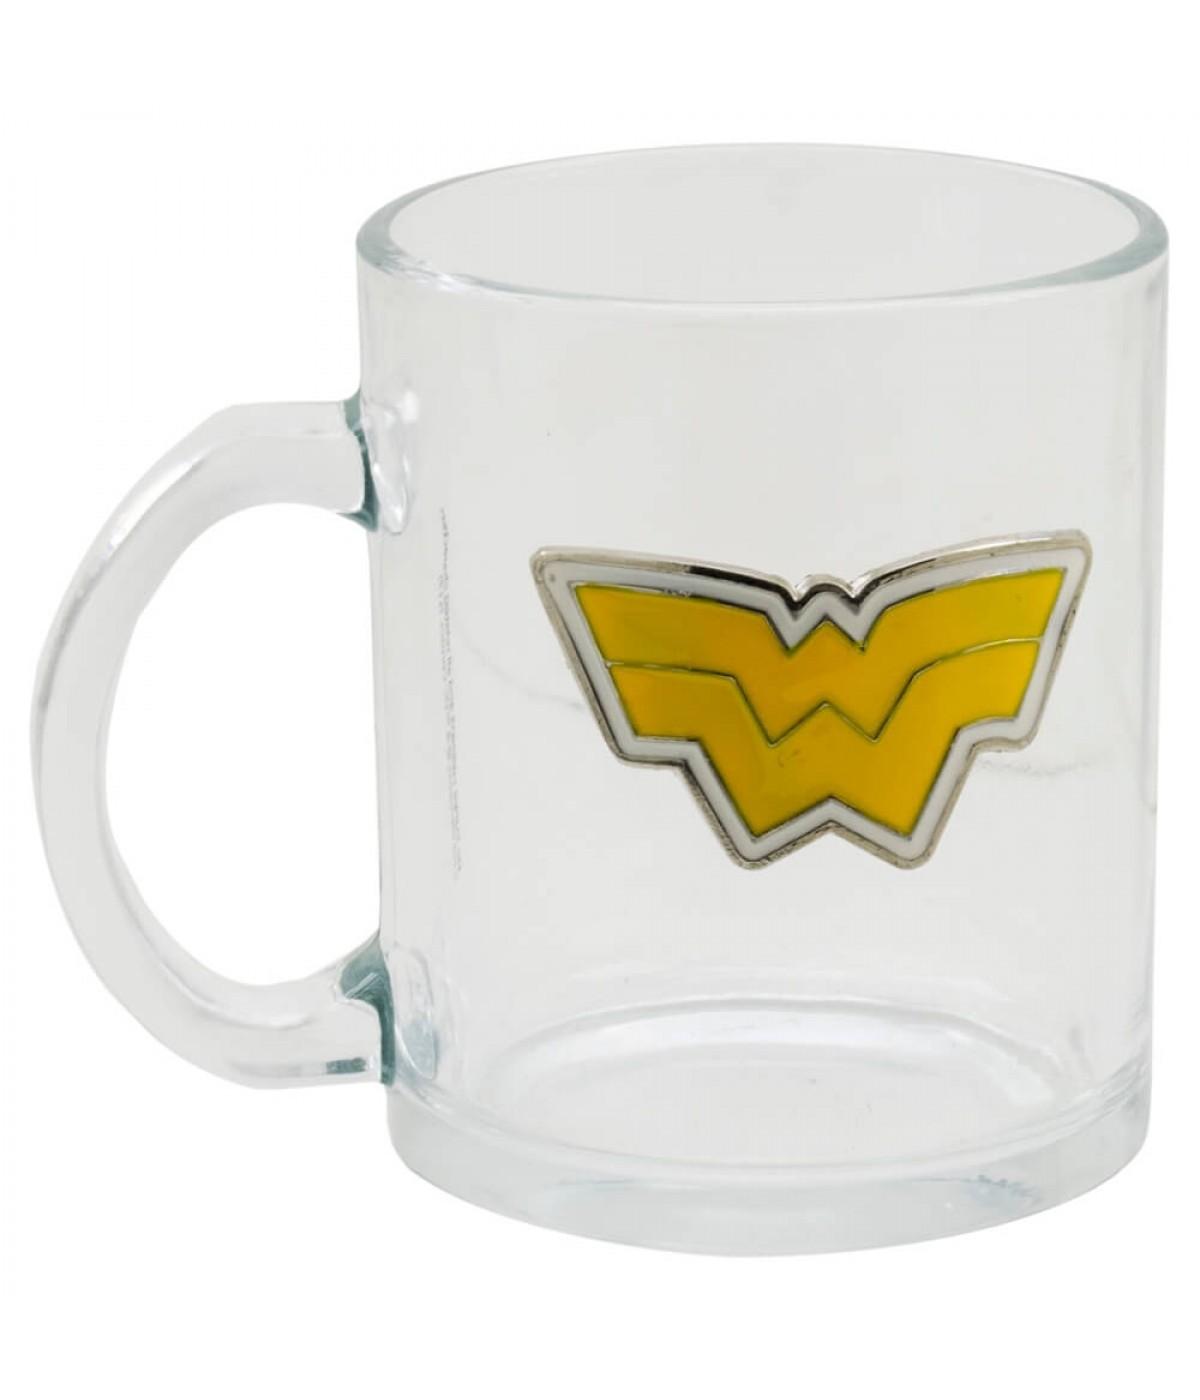 Caneca De Vidro Brasão Mulher Maravilha Wonder Woman: Liga Da Justiça Super Amigos Super Friends (370ml)